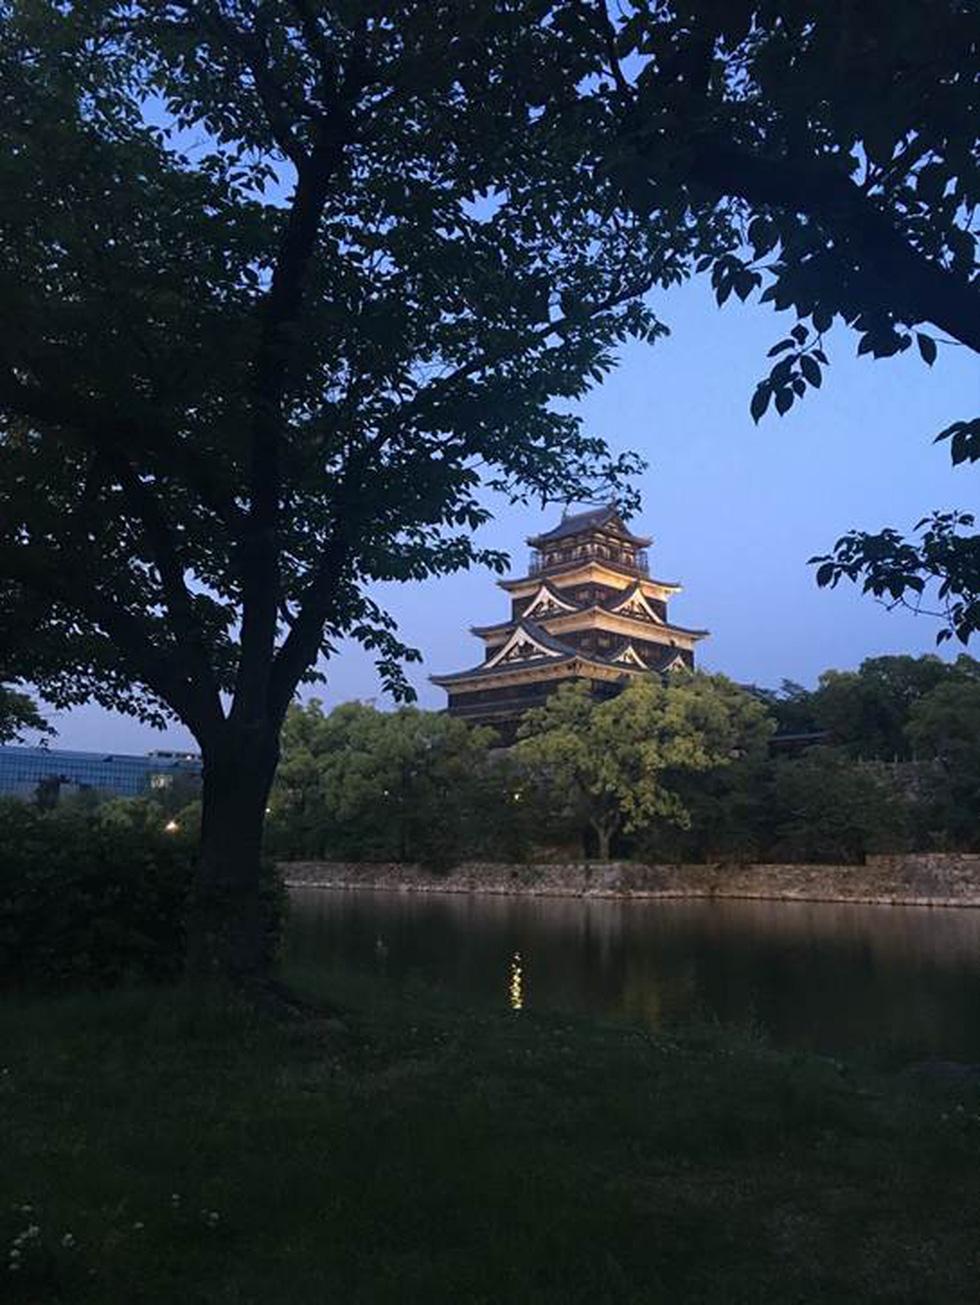 Đến Hiroshima, nơi ngân nga điệu hòa bình - Ảnh 6.